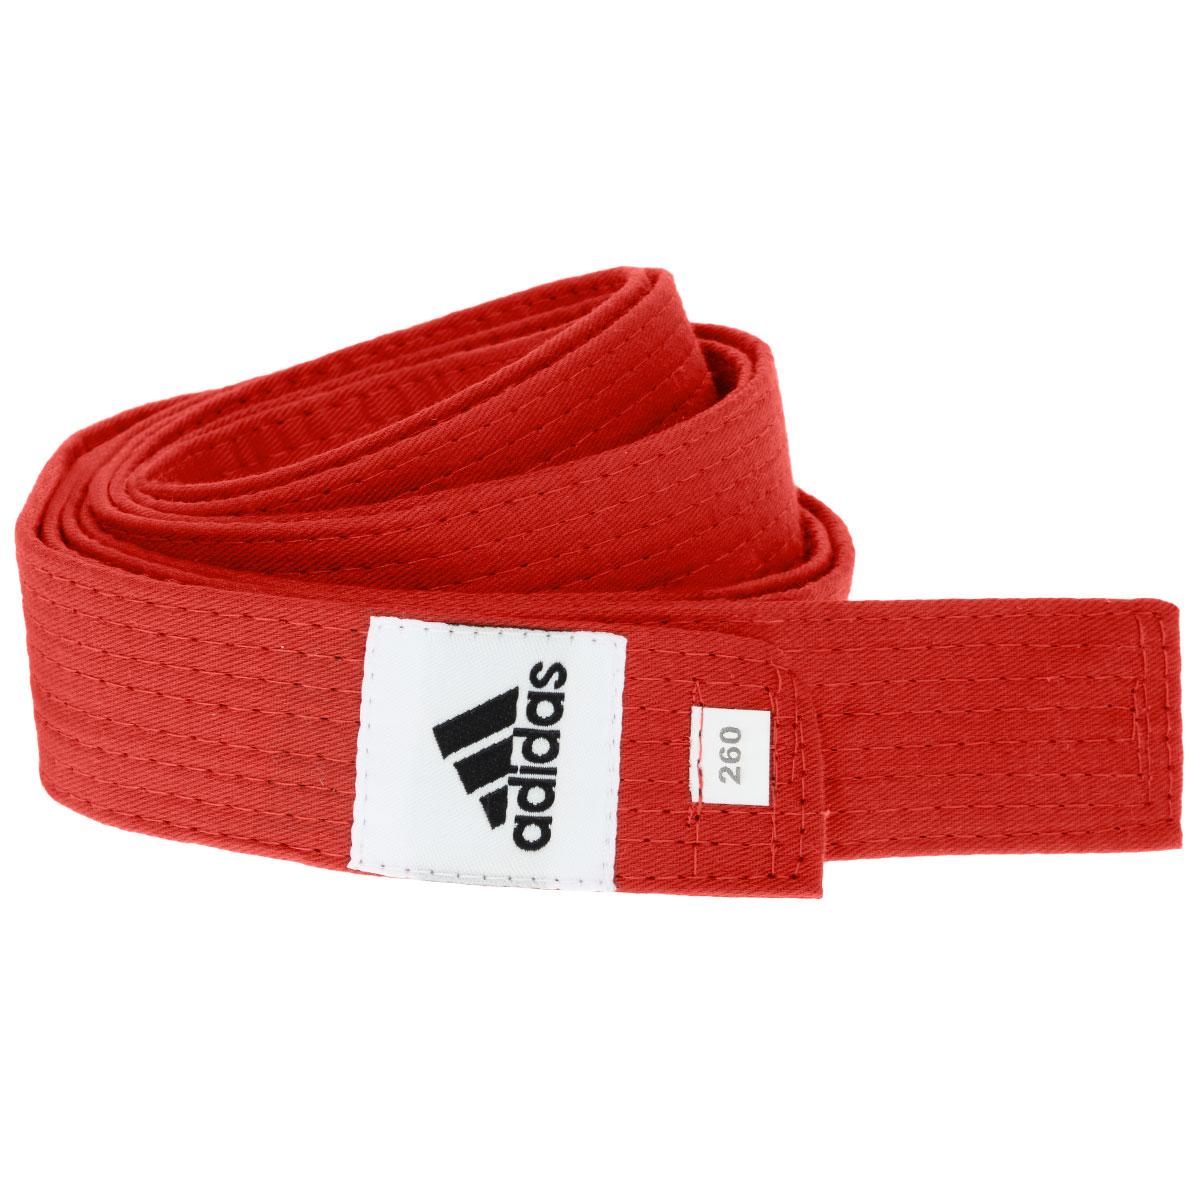 Пояс для единоборств adidas Club, цвет: красный. adiB220. Длина 260 смadiB220Пояс для единоборств adidas Club - универсальный пояс для кимоно. Пояс выполнен из плотного хлопкового материала с прострочкой.Такой пояс - необходимый аксессуар для тех, кто занимается боевыми искусствами.